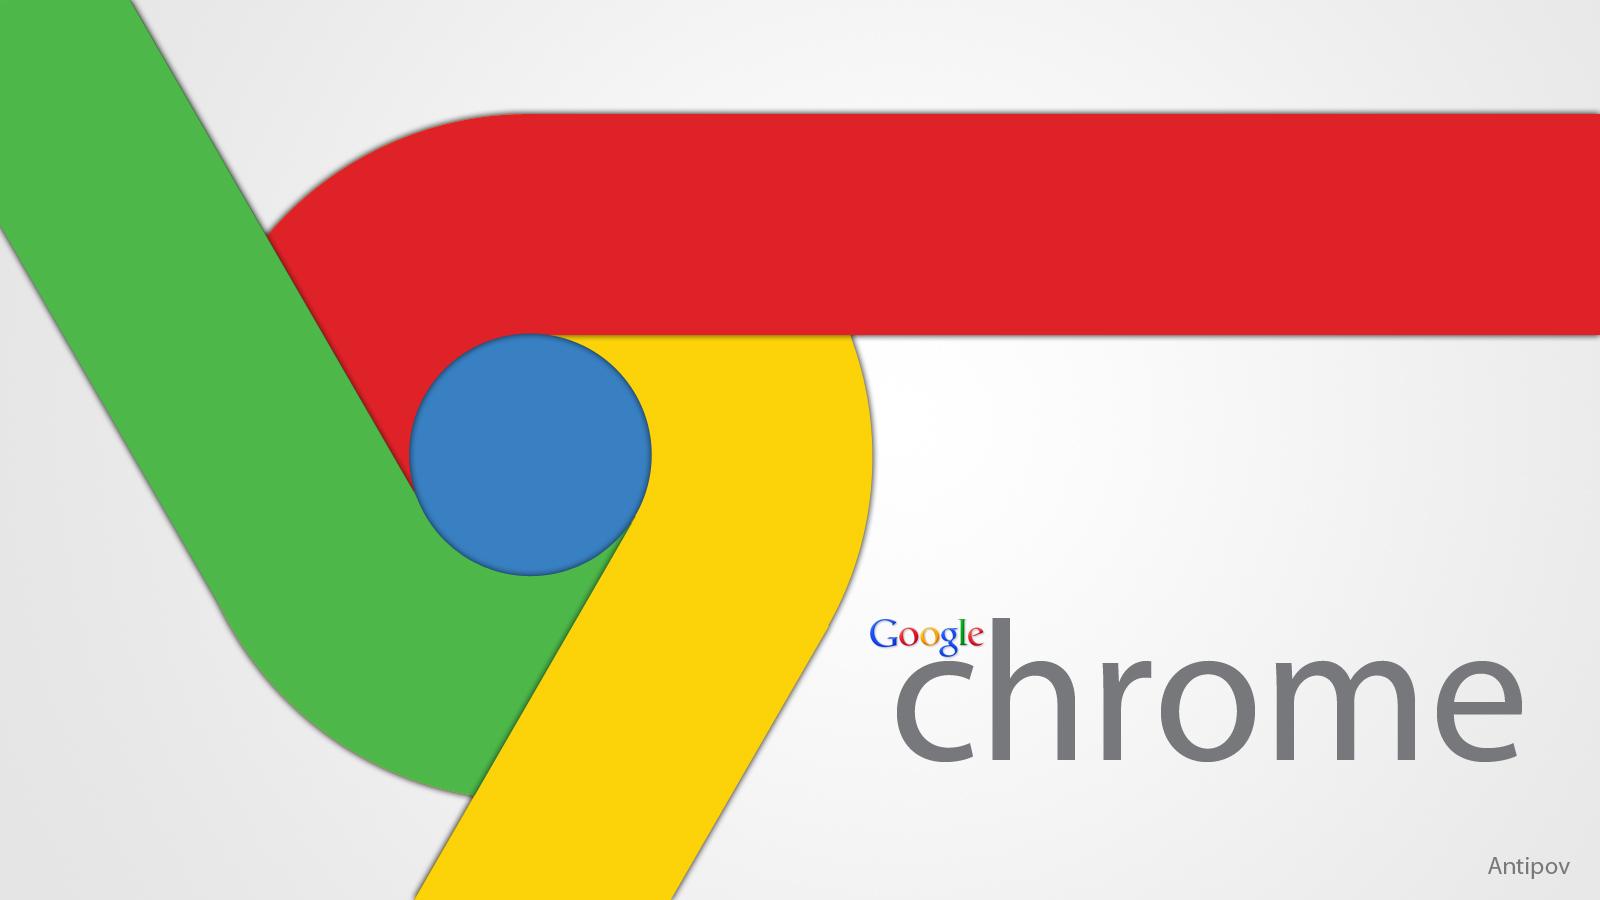 ملحقات وإضافات الكروم ( Chrome ) الأكثر فائدة - الجزء الأول